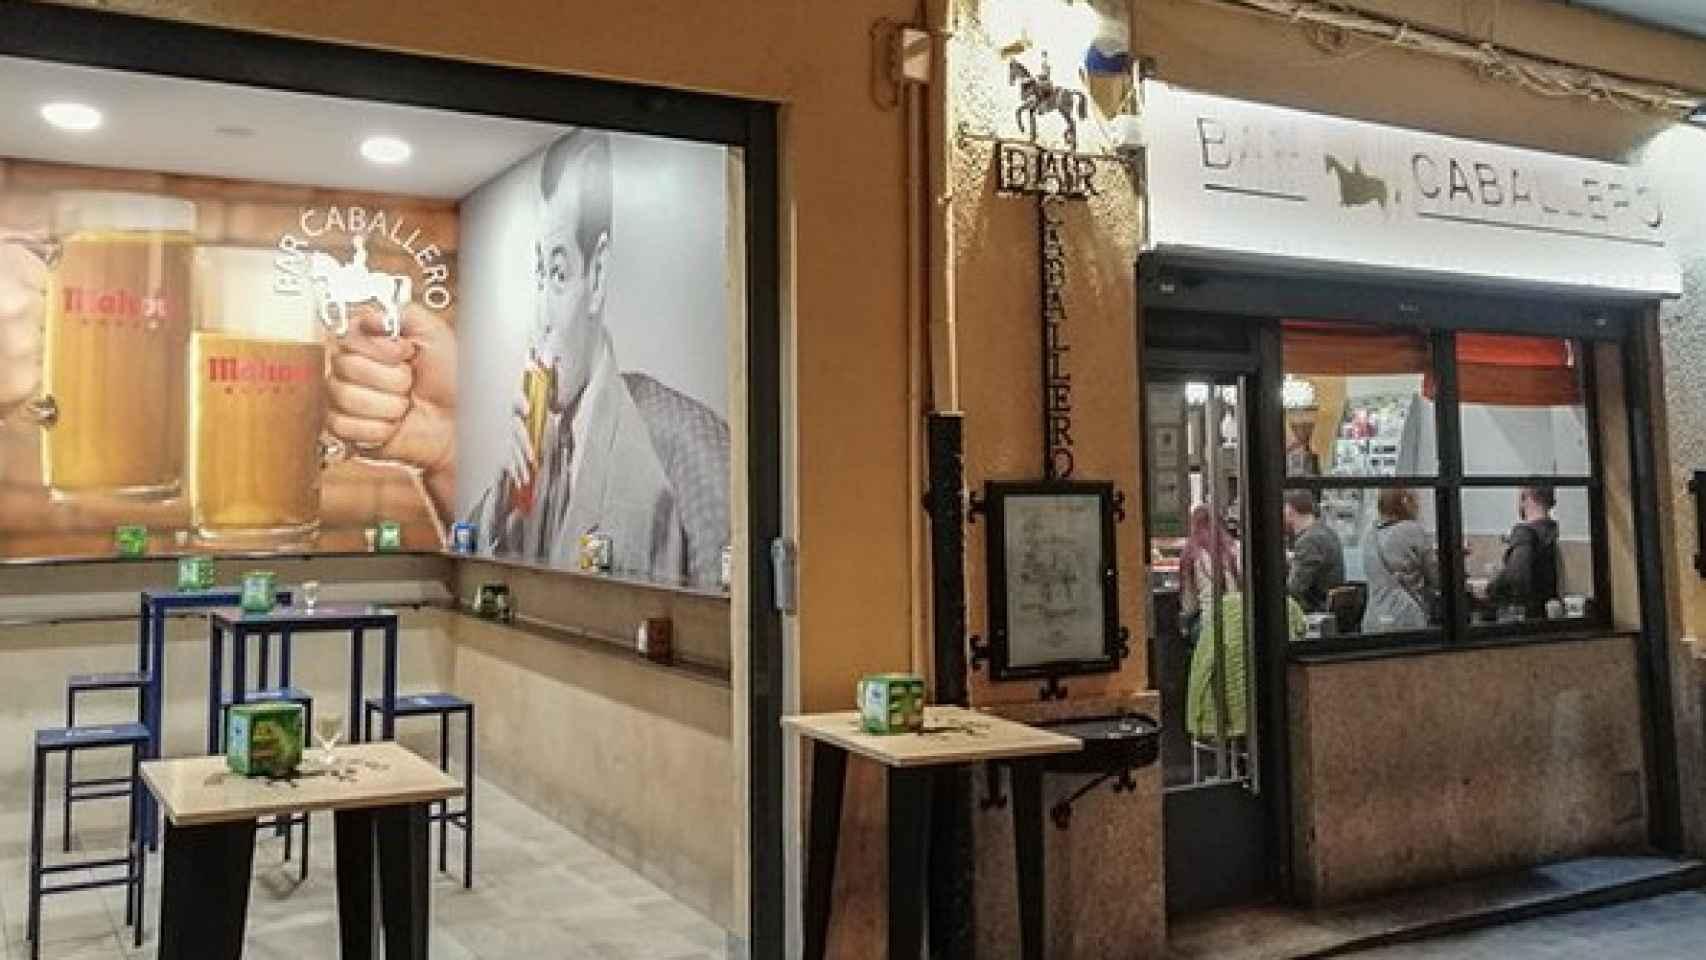 El Bar Caballero de Zamora / Foto publicada por cvegasm en TripAdvisor